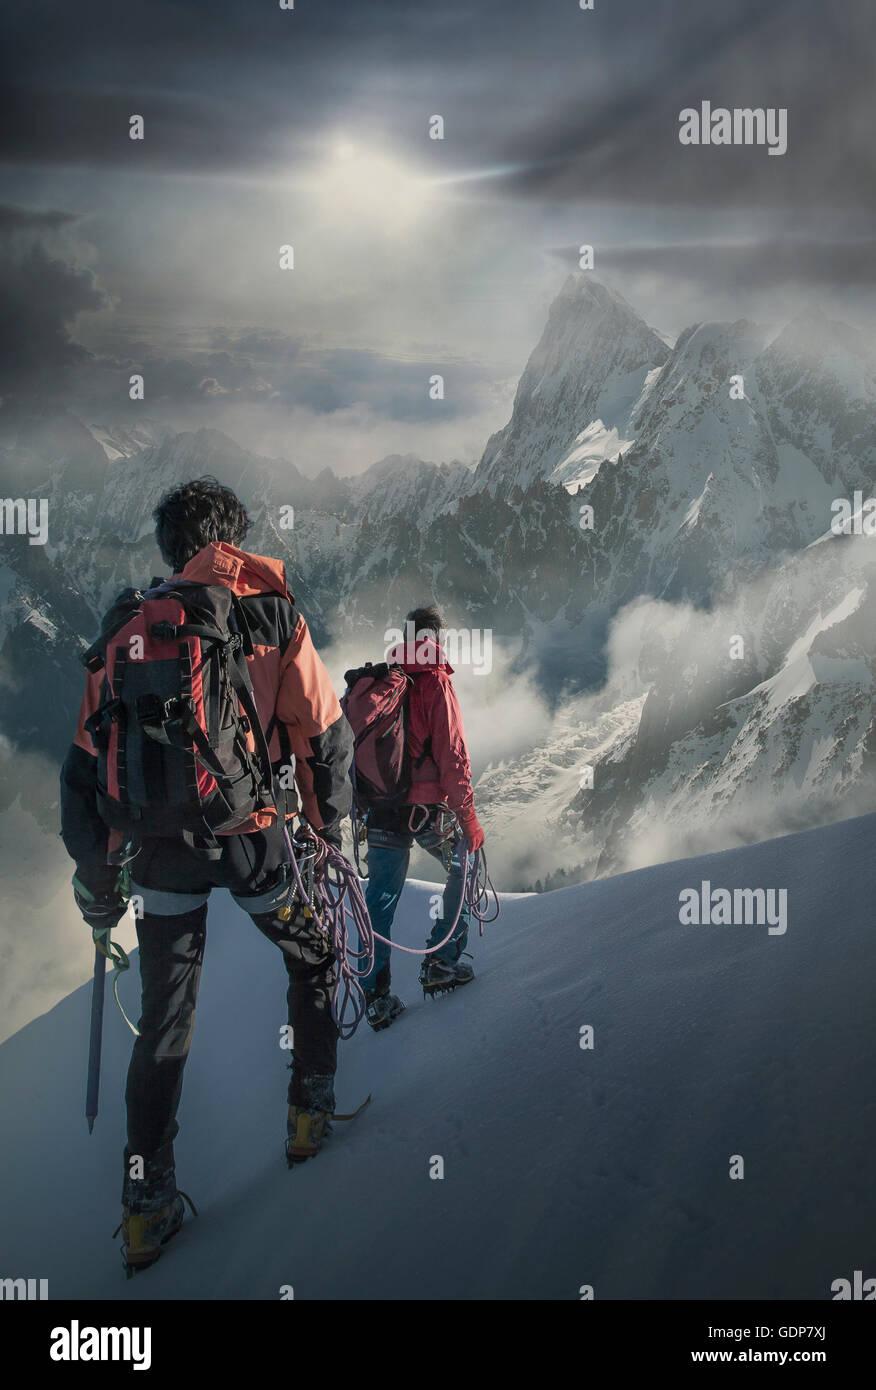 Due alpinisti su un pendio nevoso a guardare il Grand Jorasses, nel massiccio del Monte Bianco, Chamonix, Francia Immagini Stock